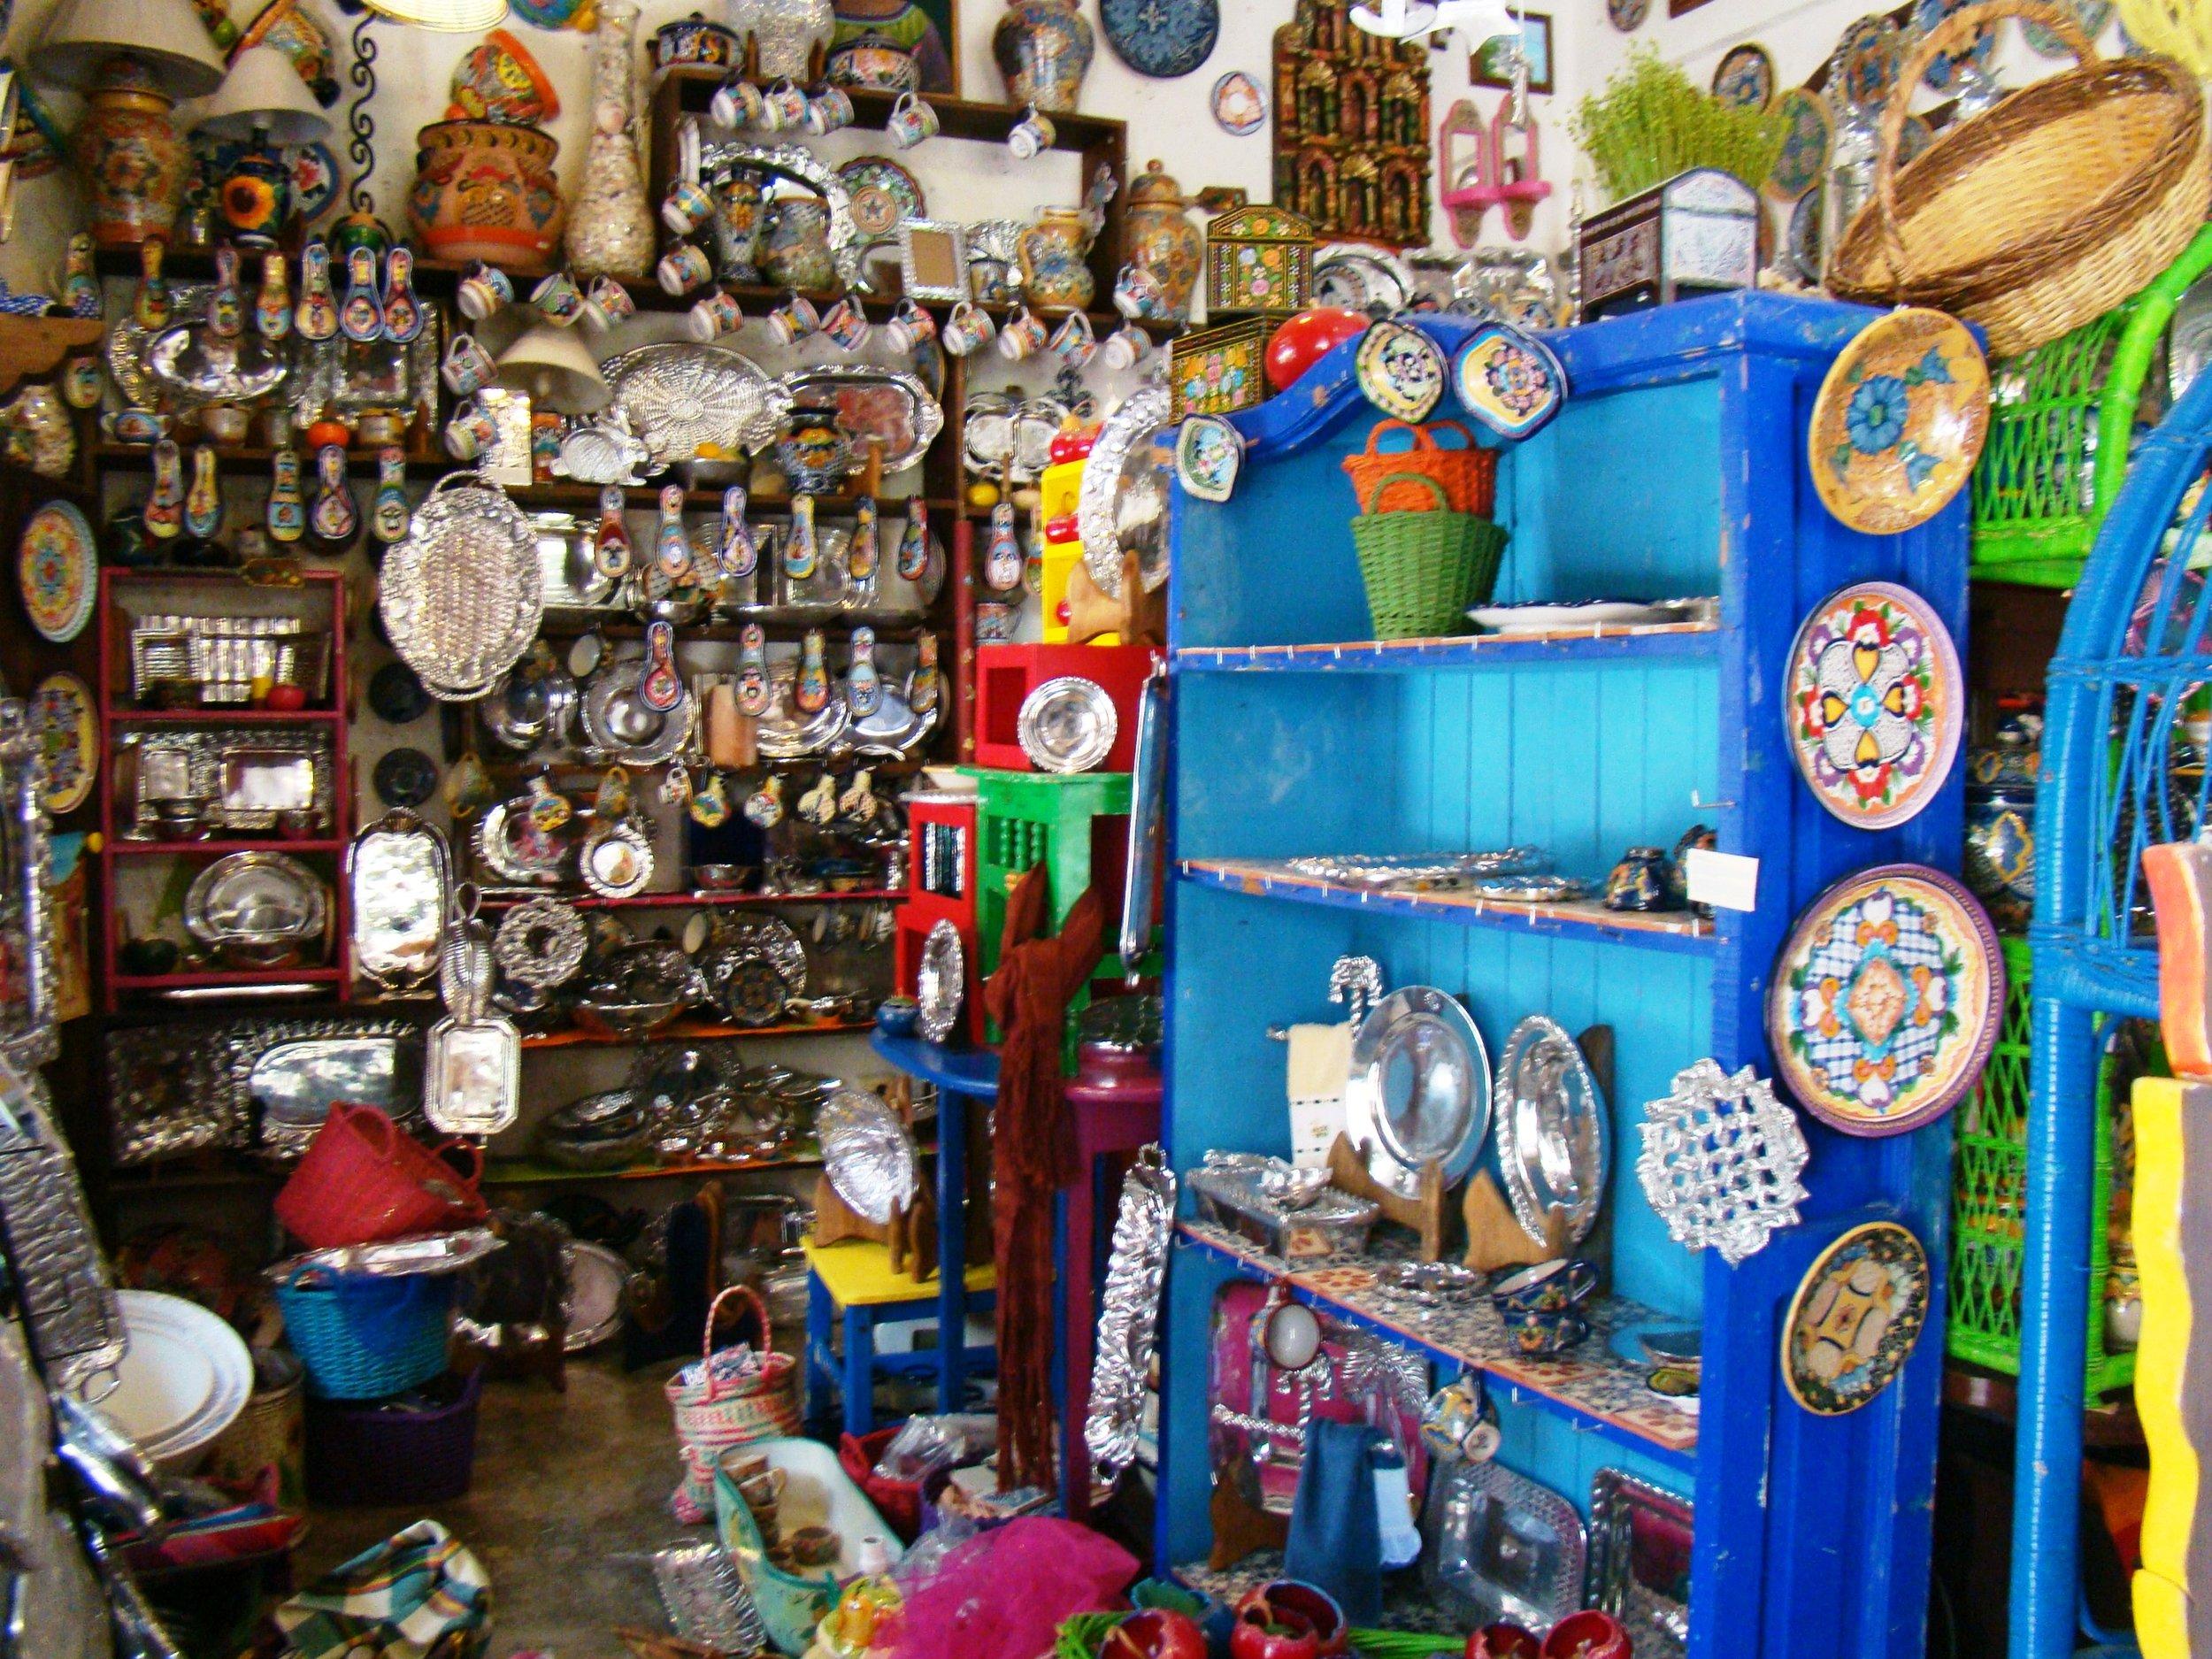 Los Cabos shopping tour   Shop till you drop!